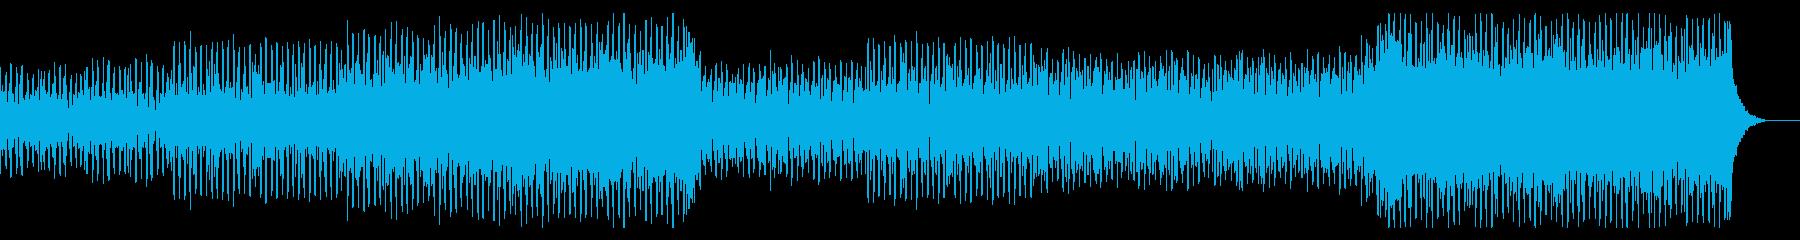 エレクトロとロックが融合したスピード感の再生済みの波形